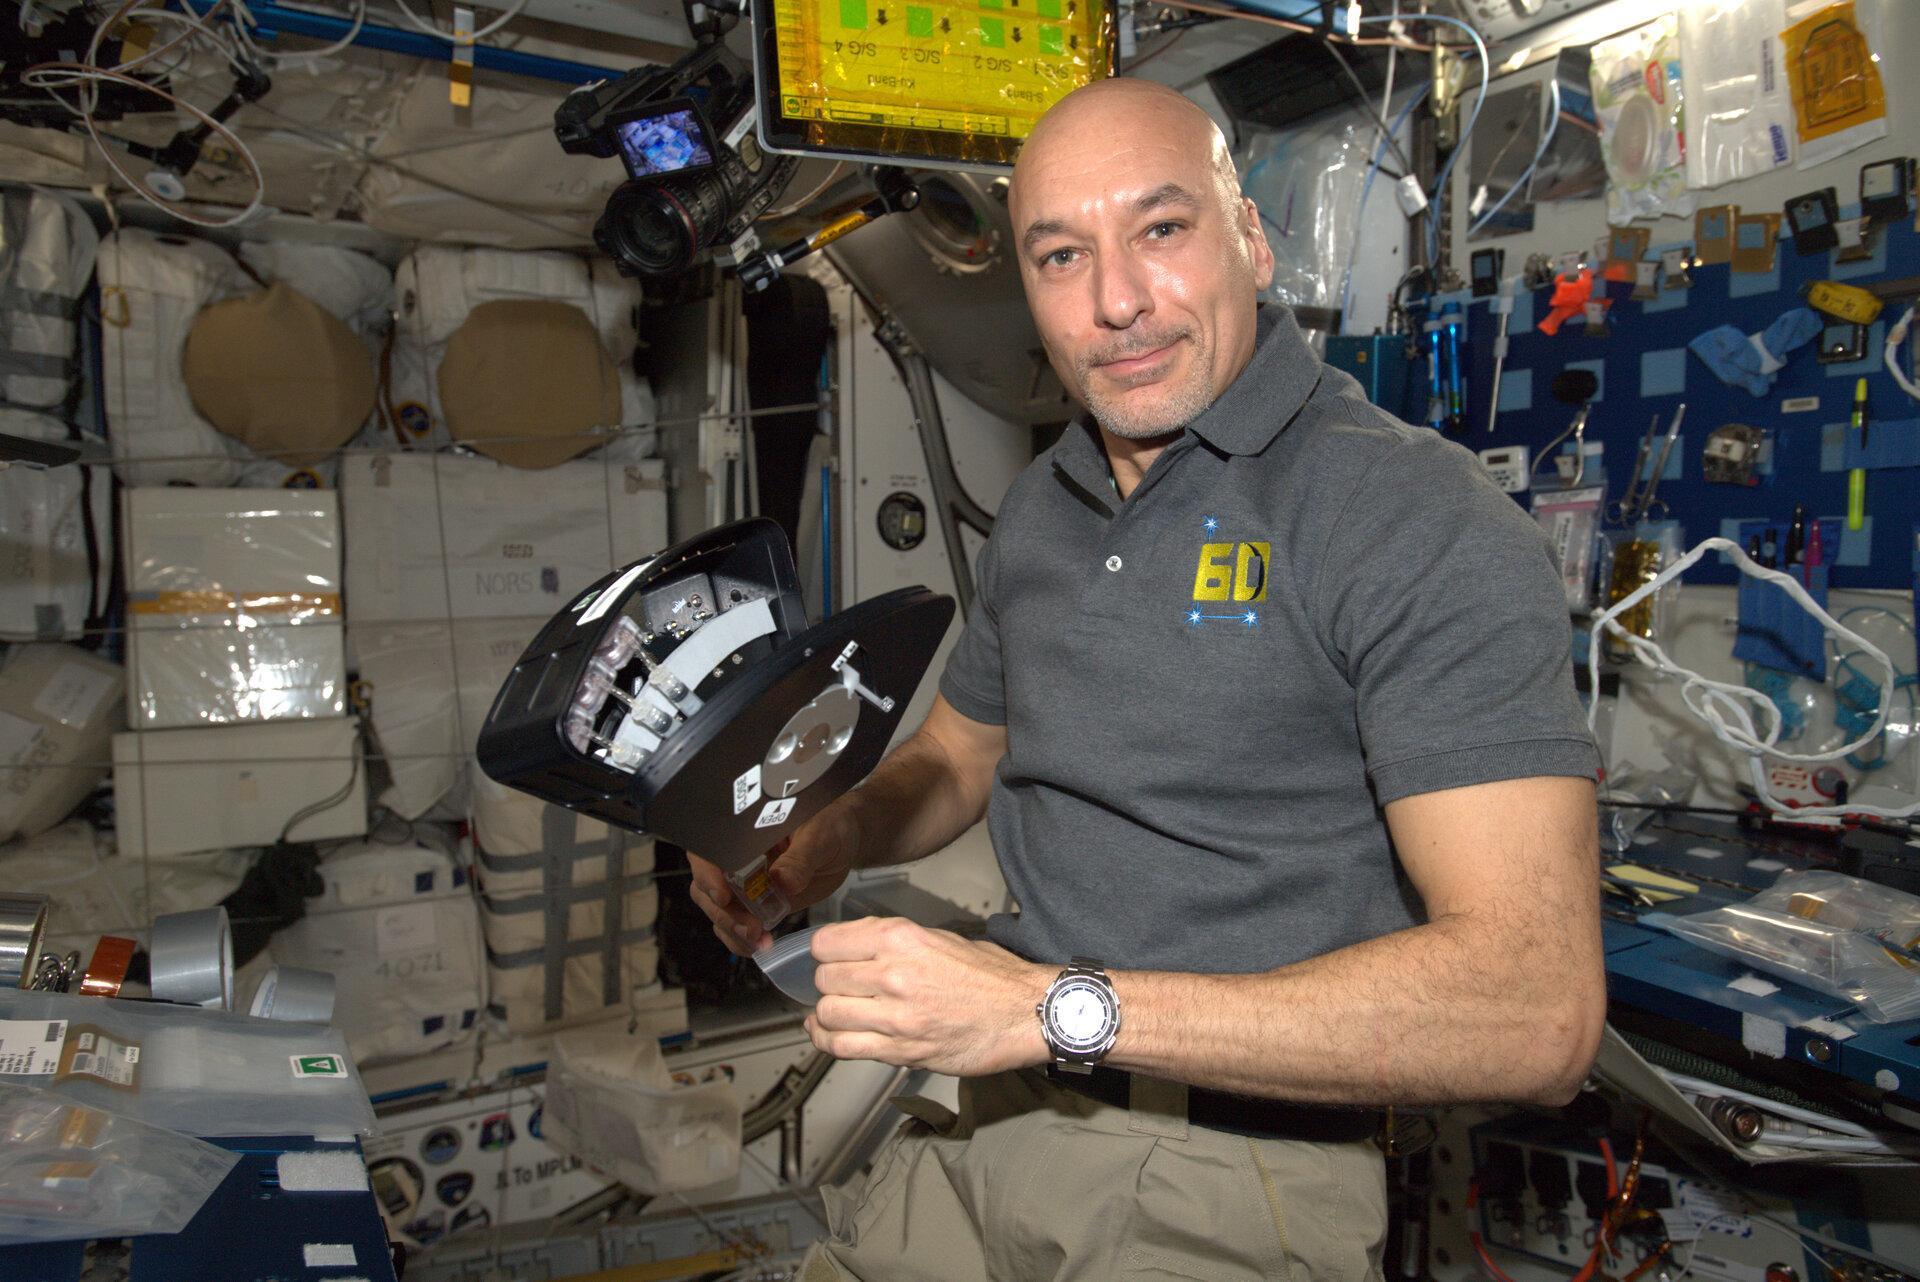 Télécommande d'un robot explorateur par un astronaute en orbite Luca_running_science_on_Station_pillars